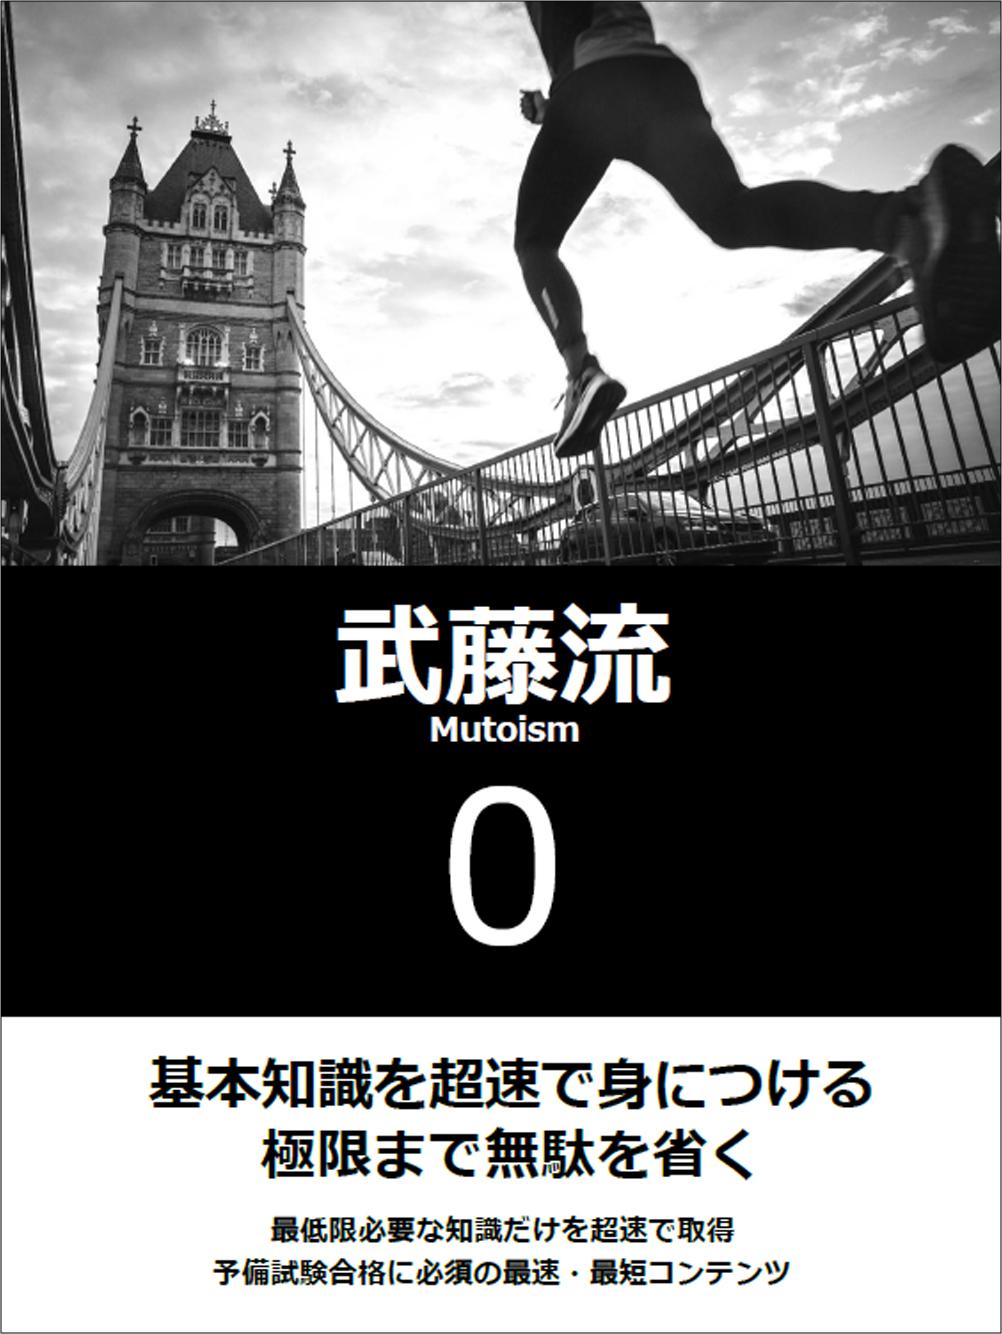 司法試験 予備試験 短答 論文 武藤流0